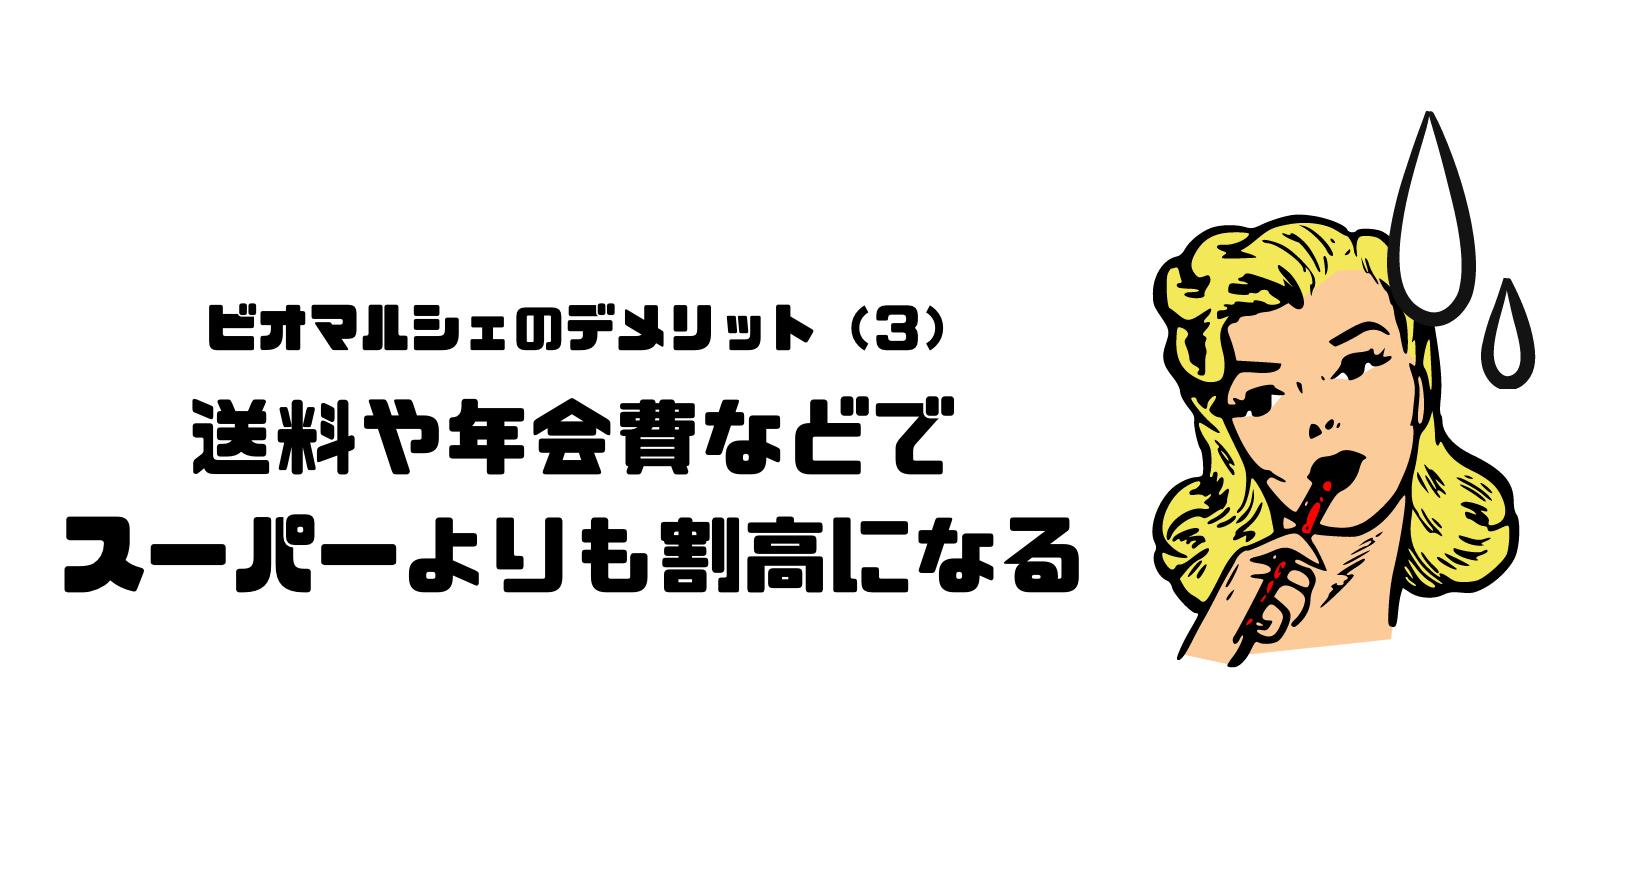 ビオマルシェ_評判_口コミ_デメリット_年会費_送料